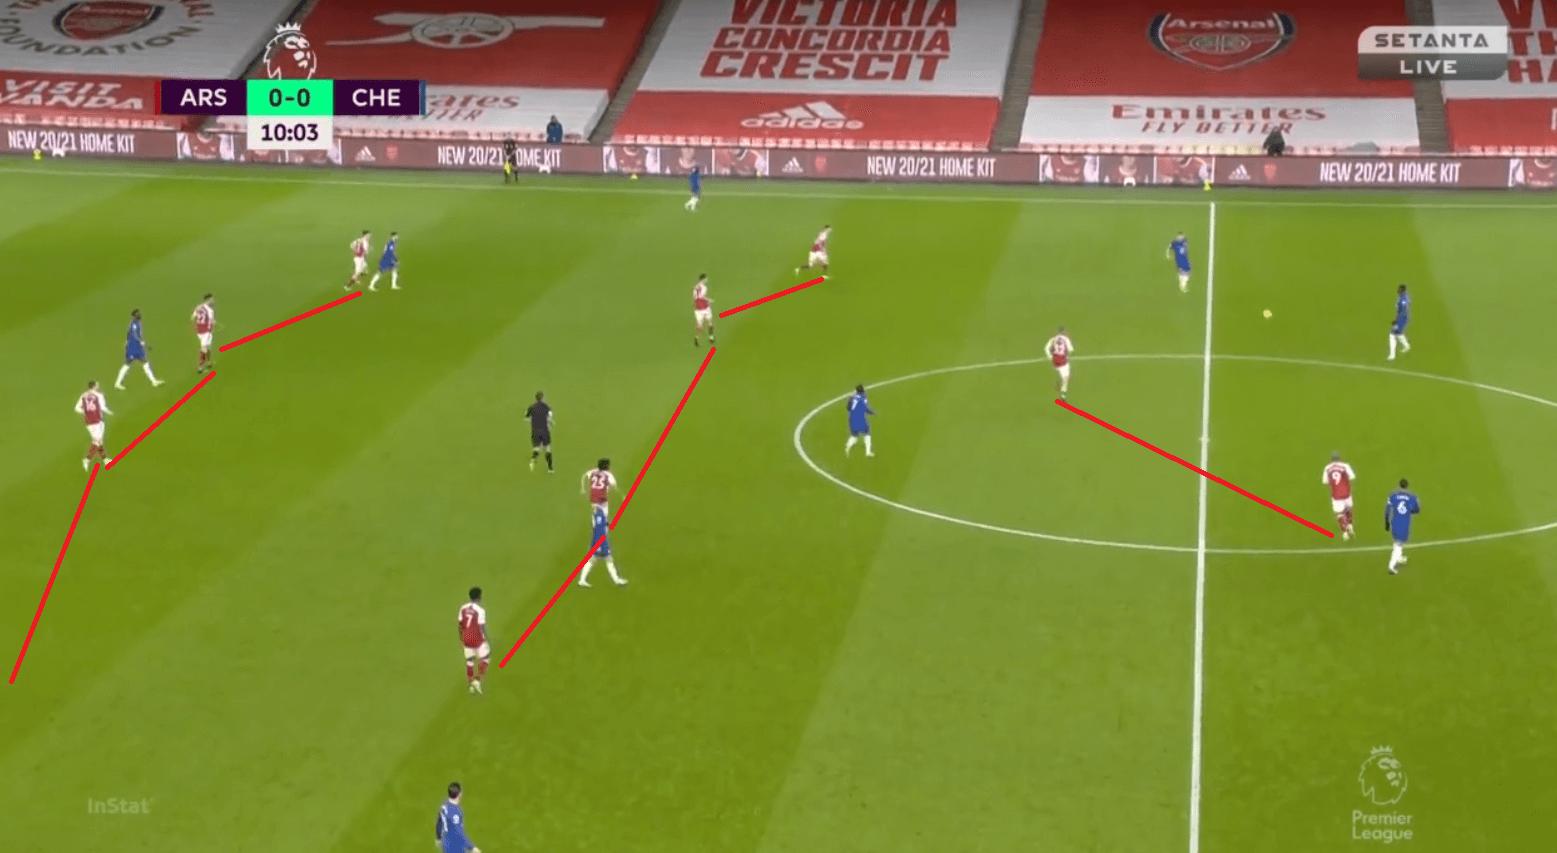 Premier League 2020/21: Arsenal vs Chelsea - tactical analysis - tactics